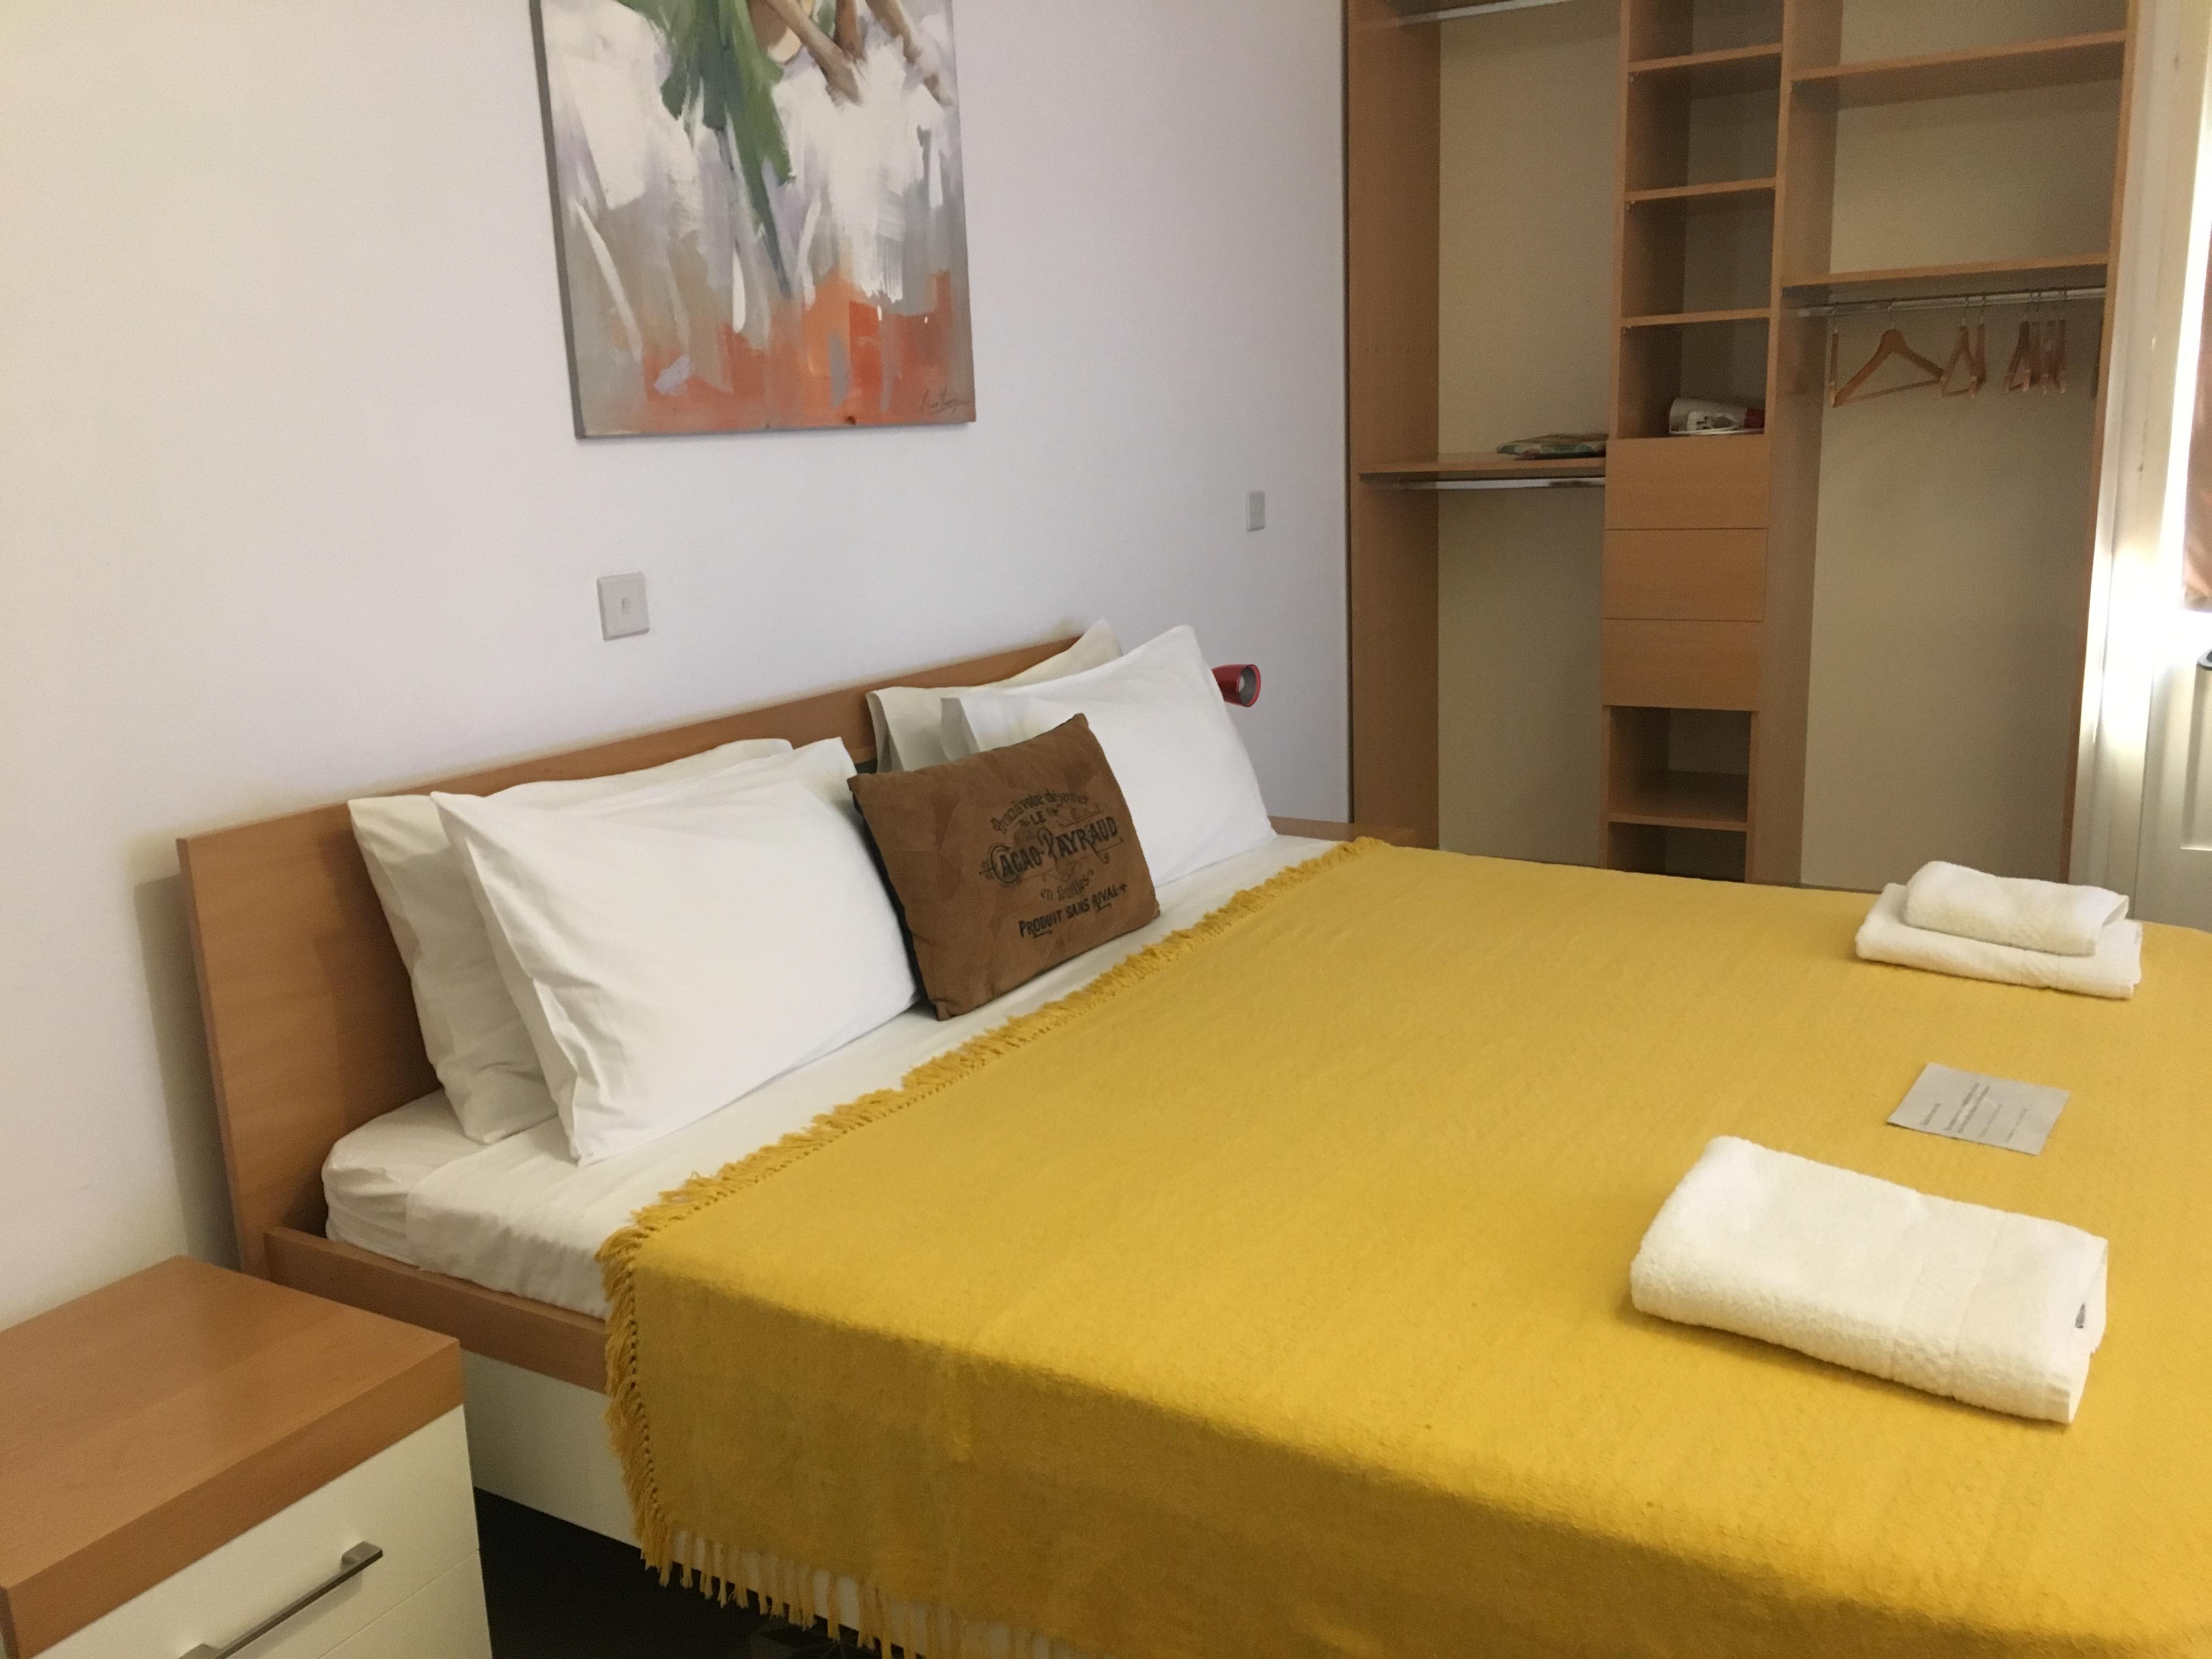 マルタ宿泊はヴァレッタのアパート「カーサ ラピラ」にしました。